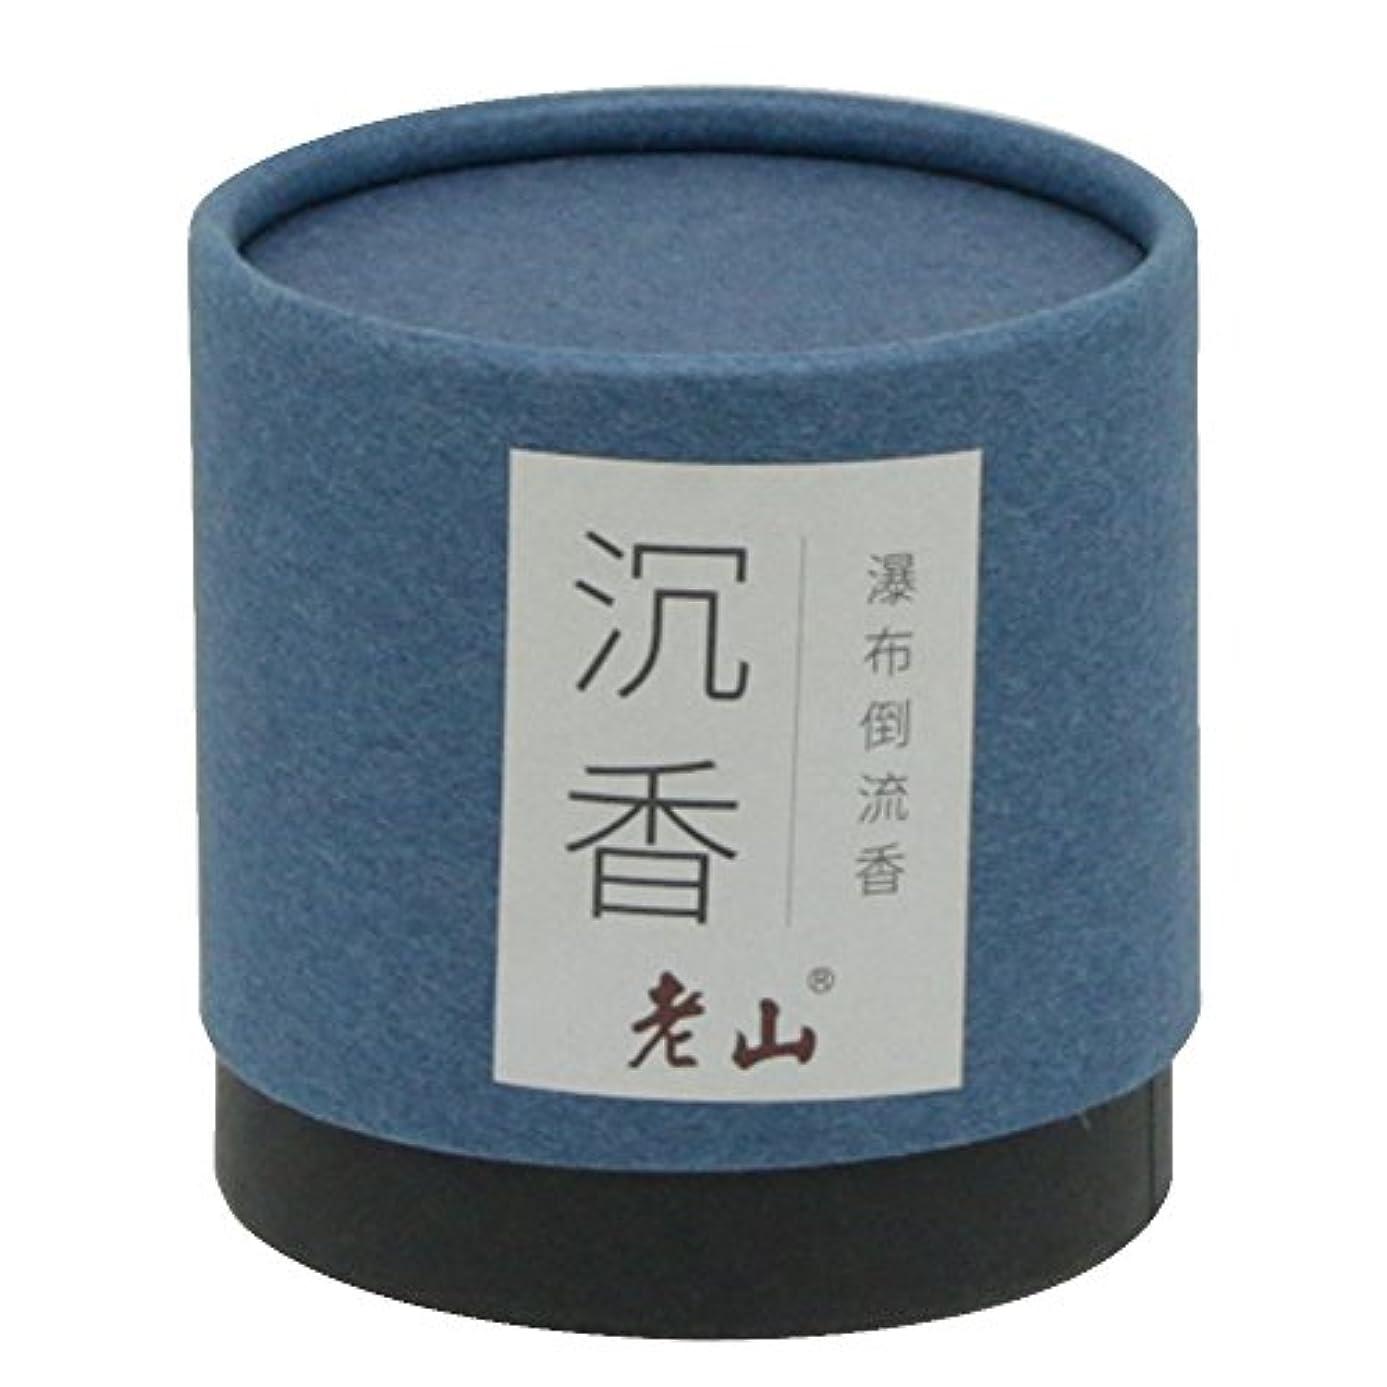 カーテン非武装化可決逆流円錐incense-100g自然Agarwood Cone Incense Waterfall Incense Backflow Incense